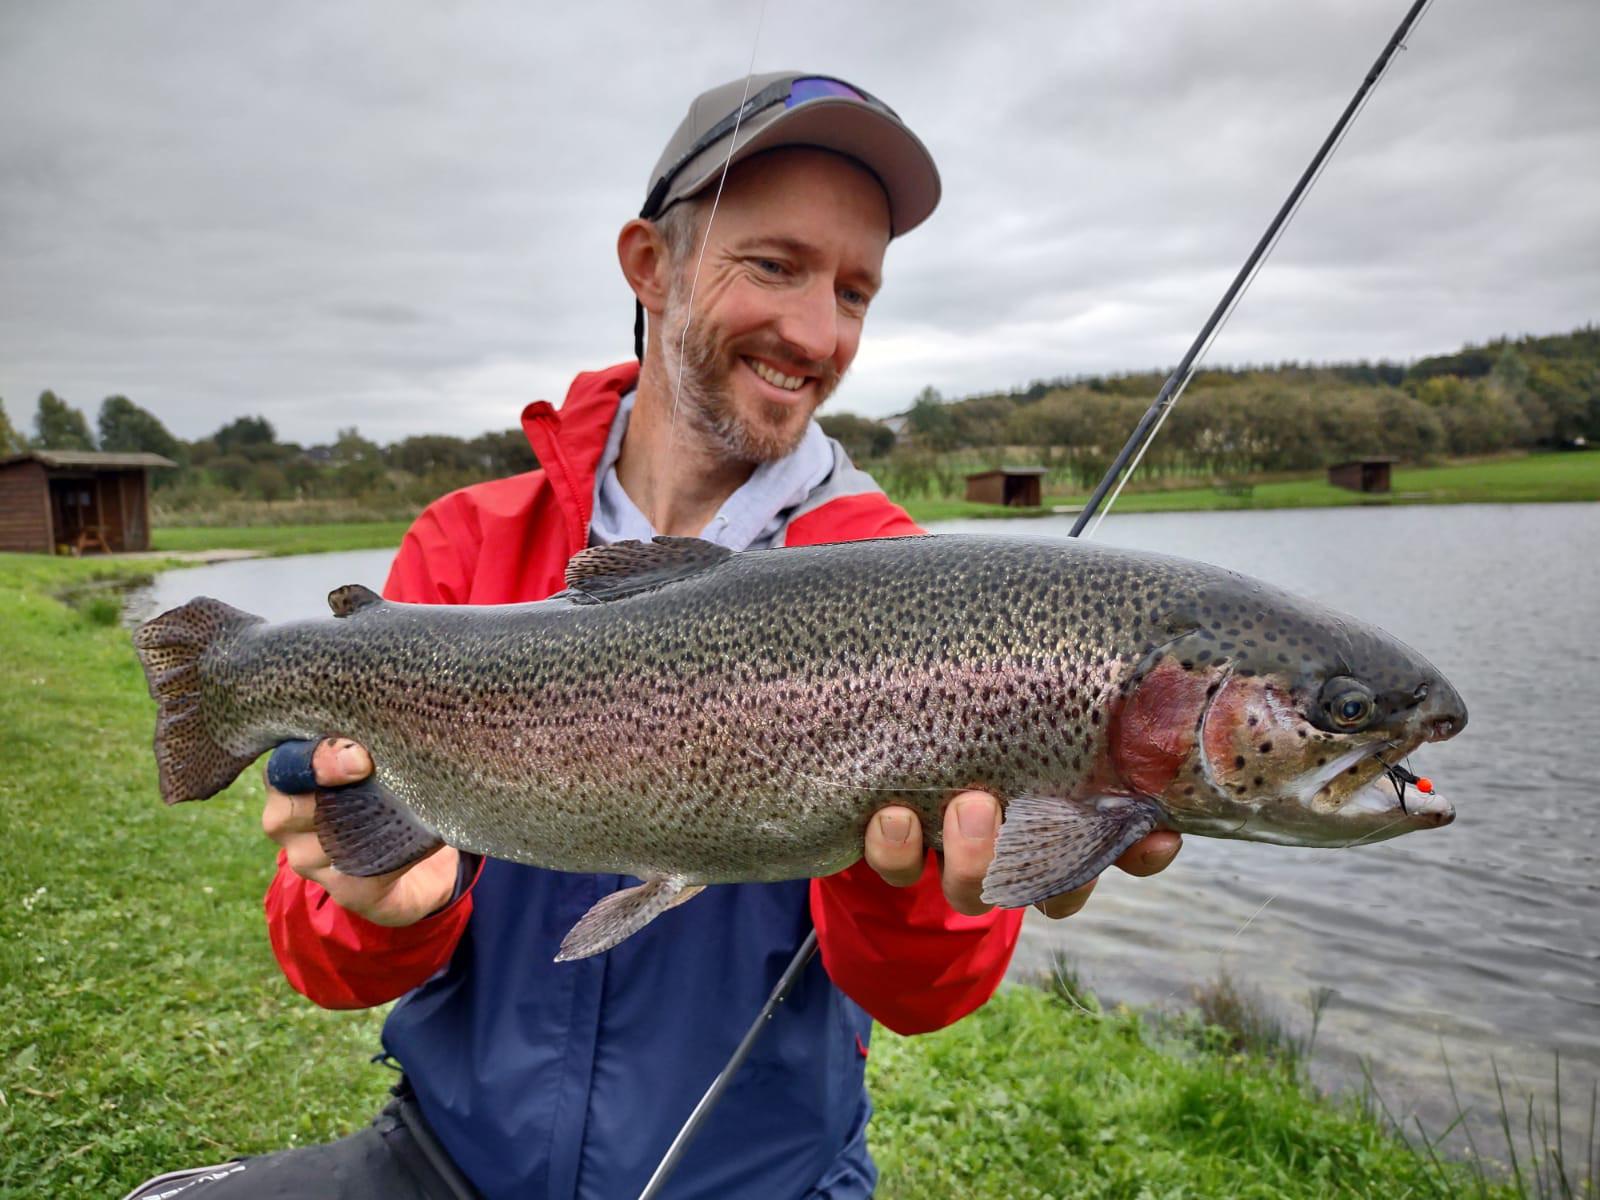 Falls es mal zu windig für den Fjord ist: Die Forellenseen der Region sind gut mit richtig großen Fischen besetzt. Foto: A. Seggelke